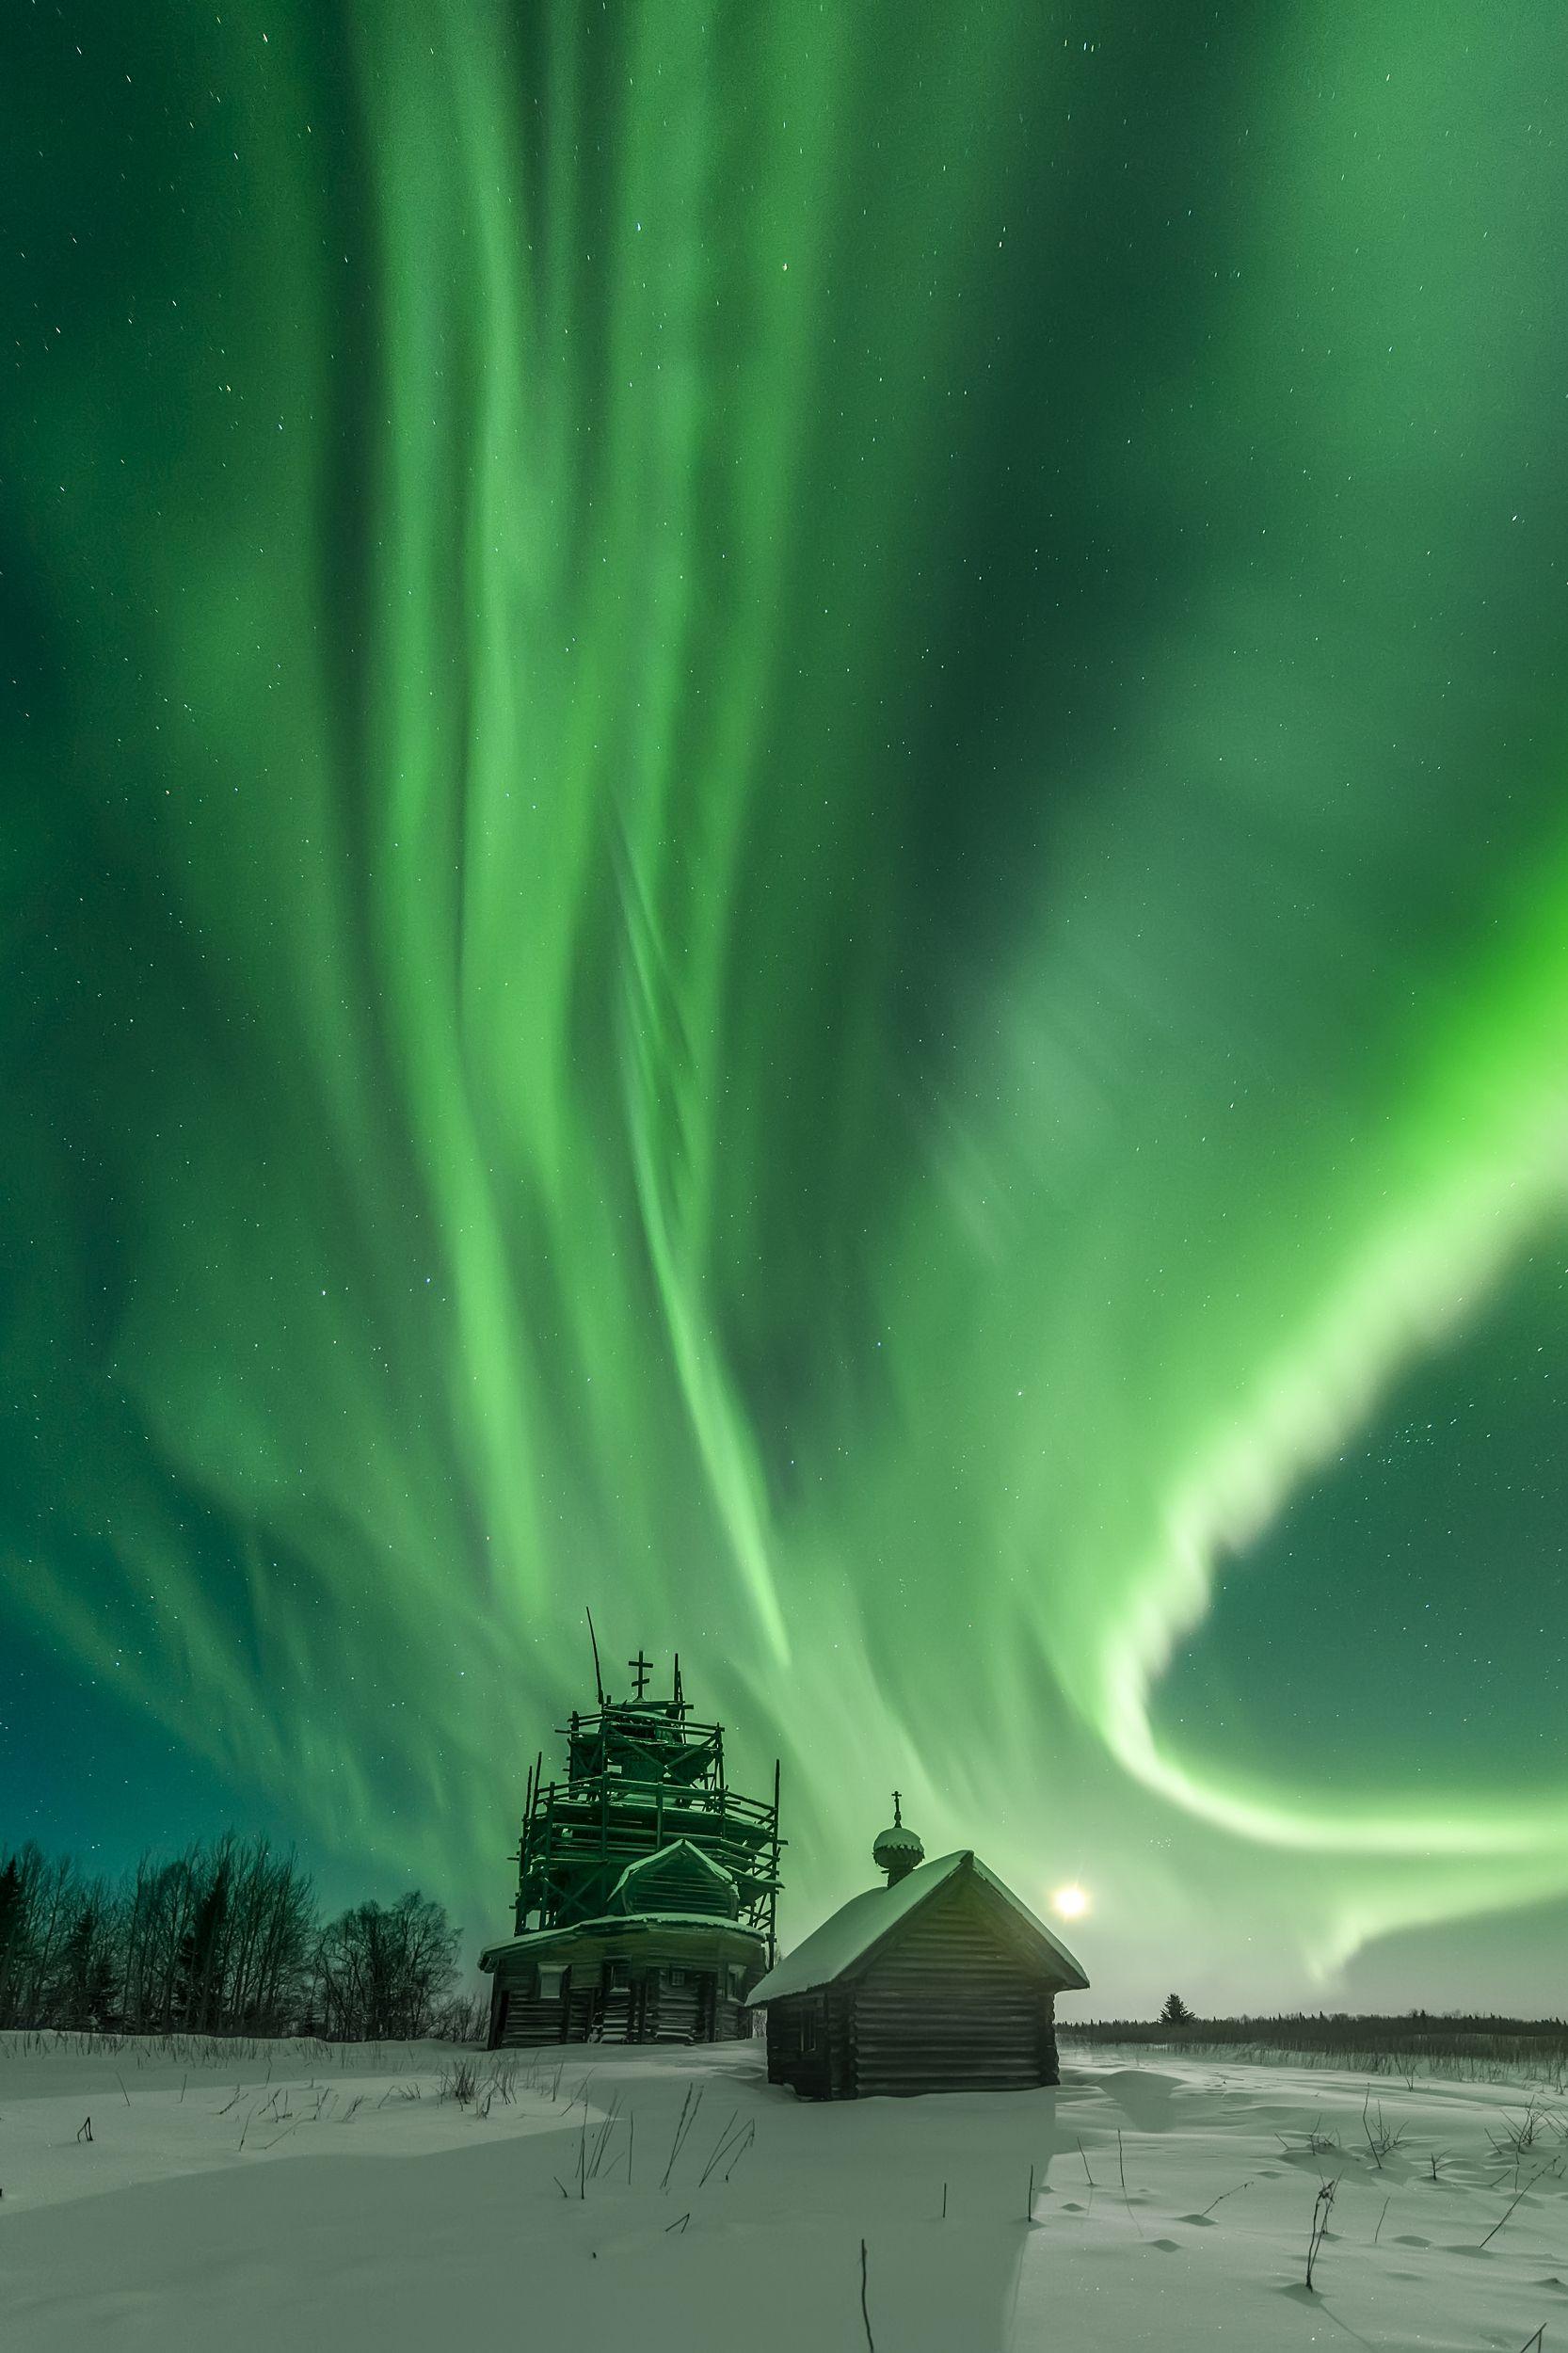 северное сияние, aurora borealis, архангельская область, деревянное зодчество, ночное фото, Карпов Михаил